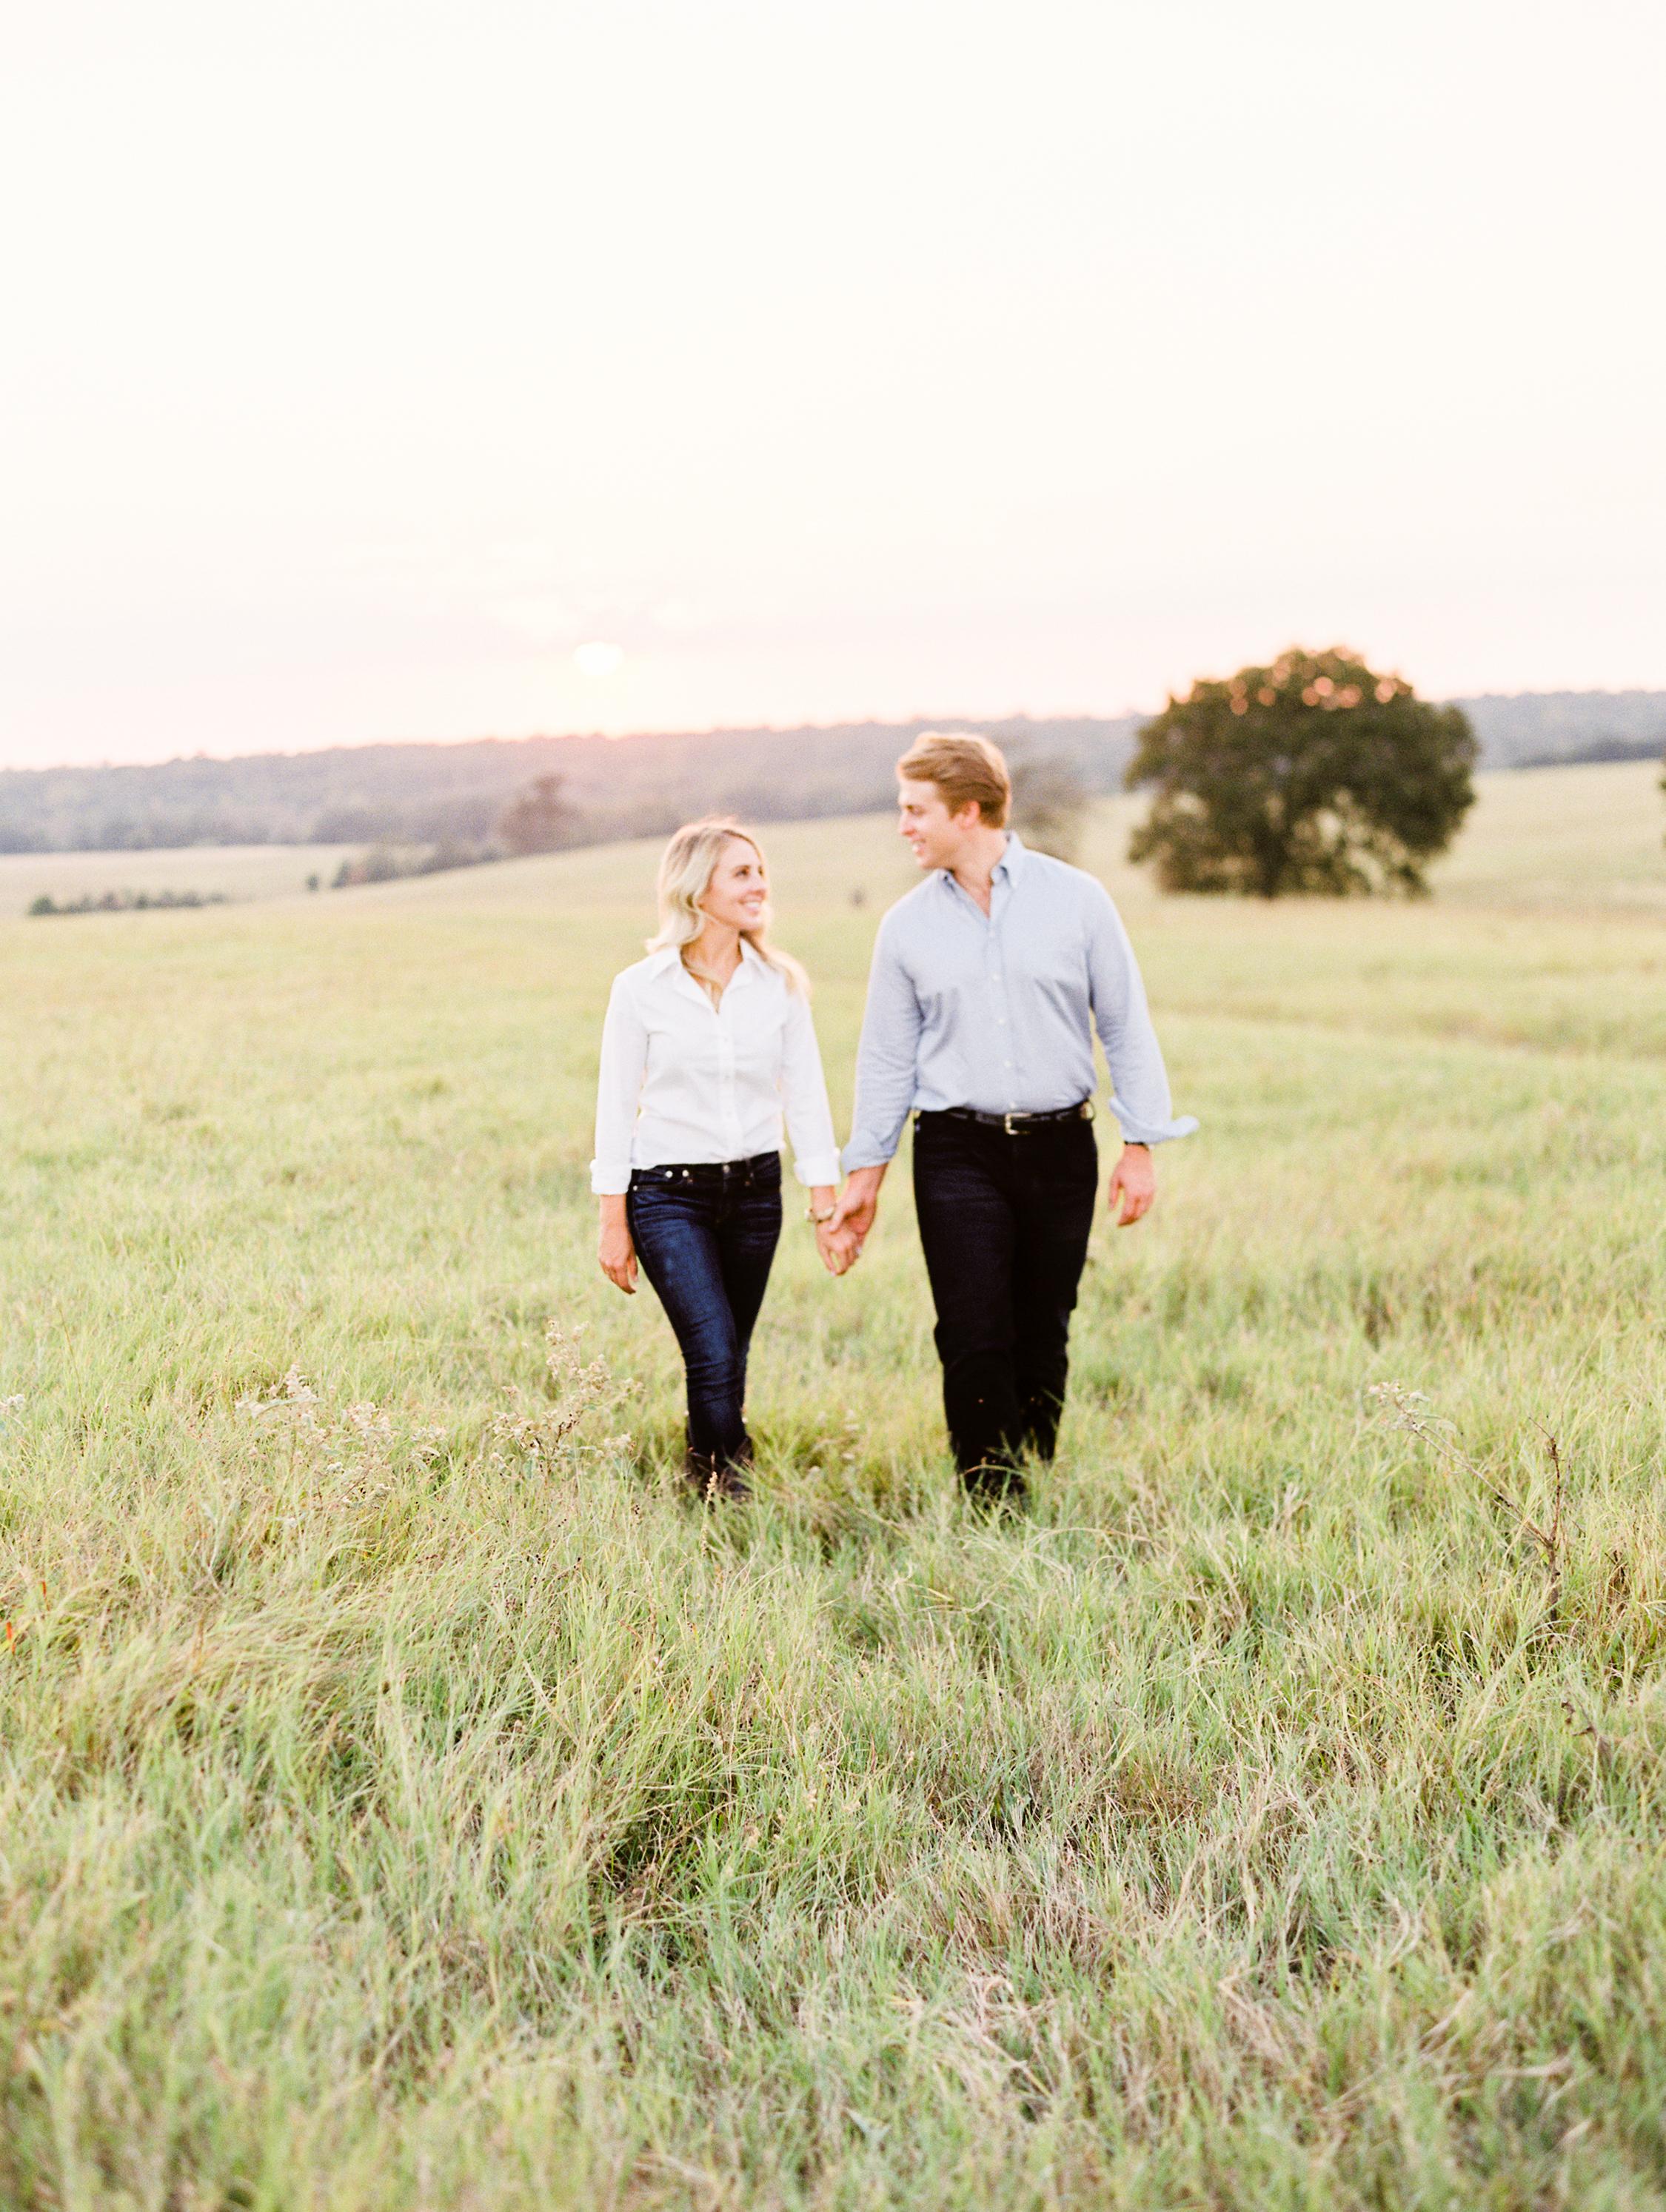 Lauren+John+Engaged+TX-120.jpg